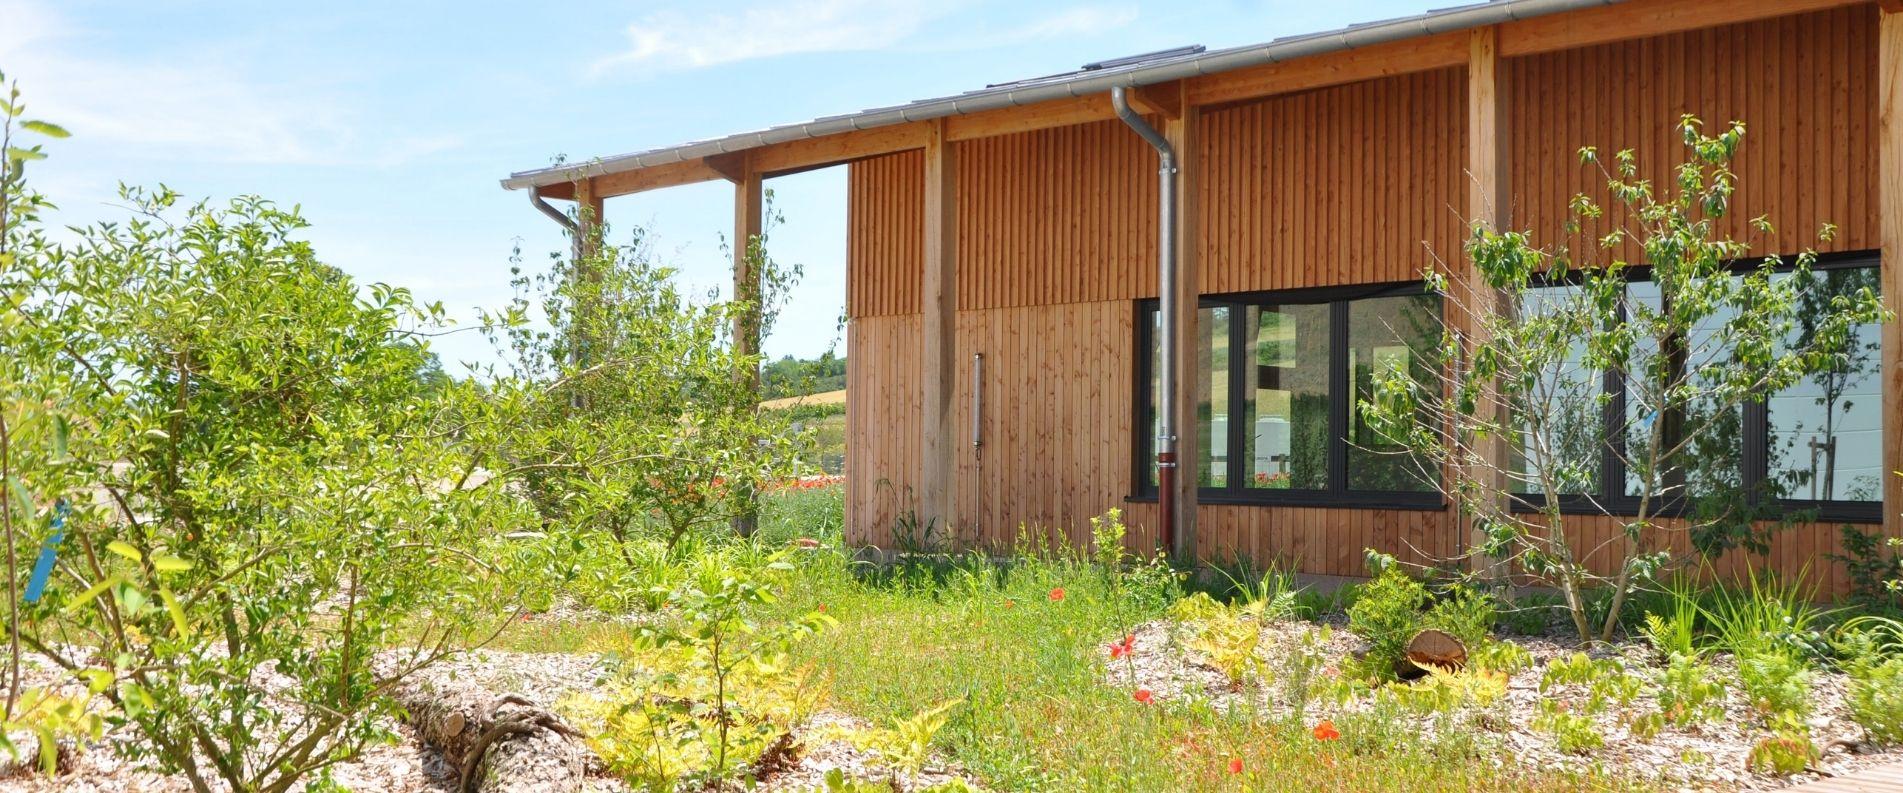 Aménagement paysager pour l'entreprise Mobil Wood à Saint-Bris-le-Vineux